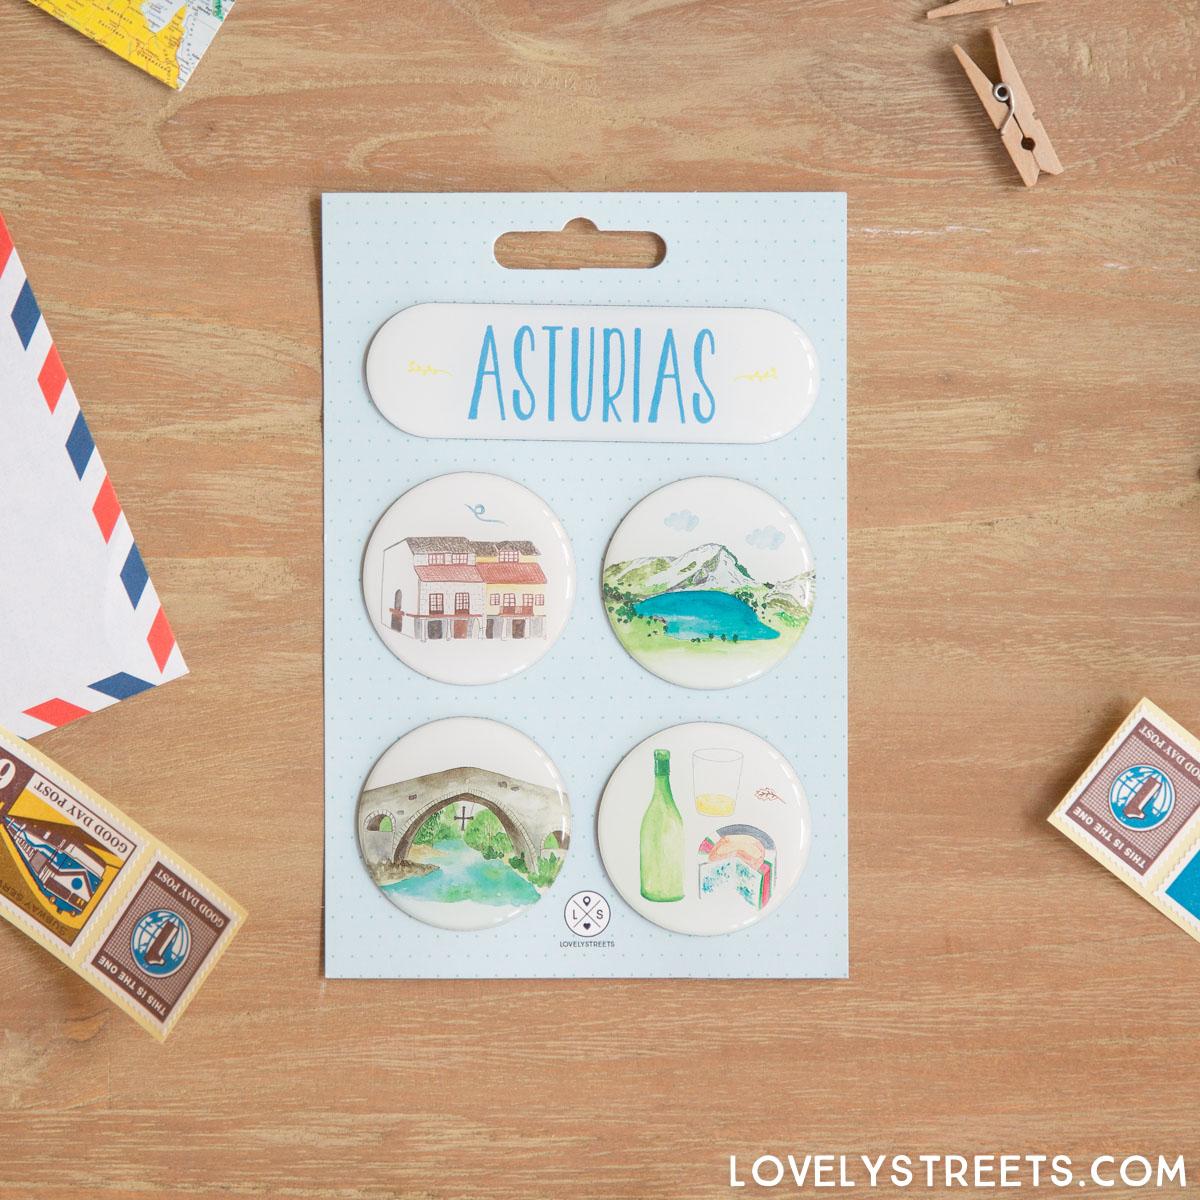 LovelyStreets_imanes_Asturias-5